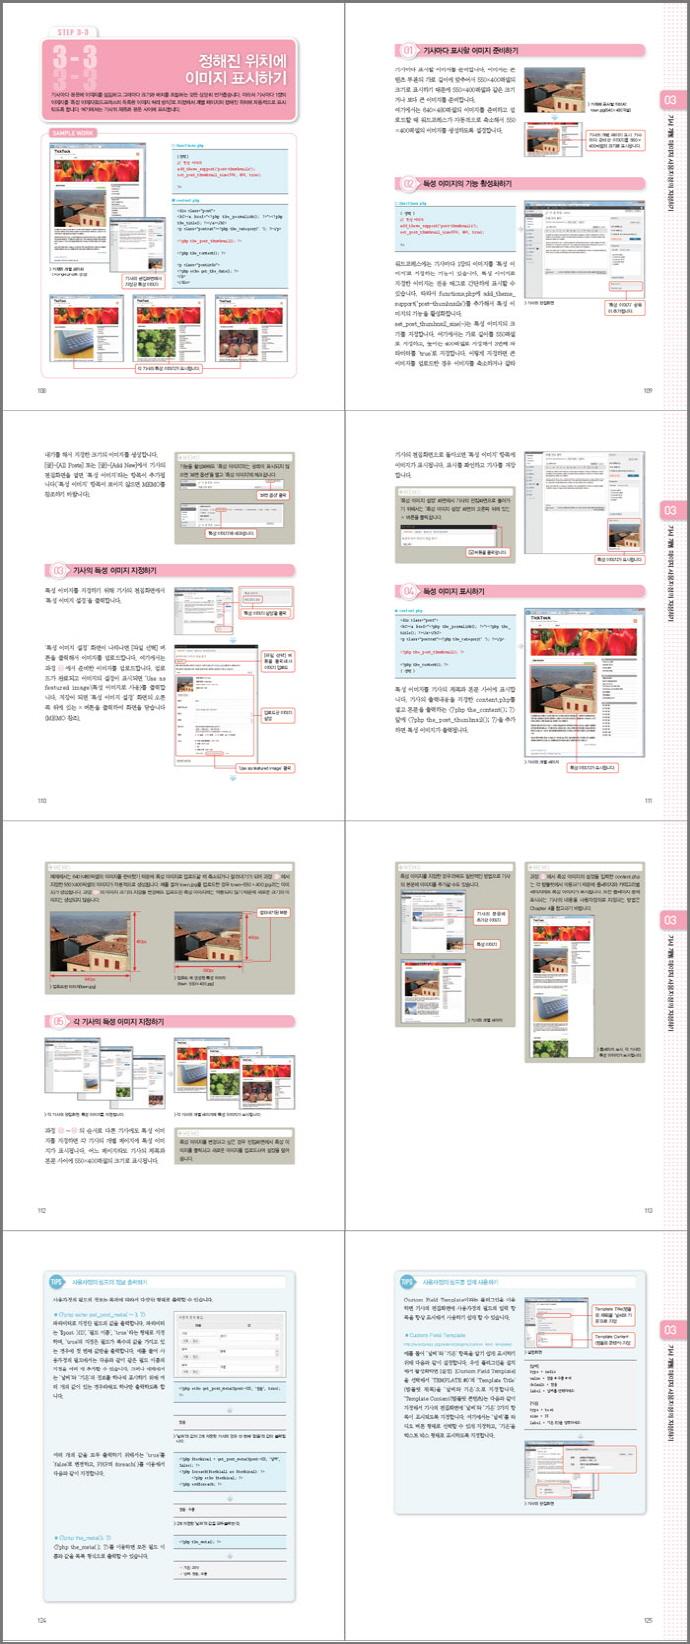 워드프레스 디자인(바꾸면서 배우는) 도서 상세이미지